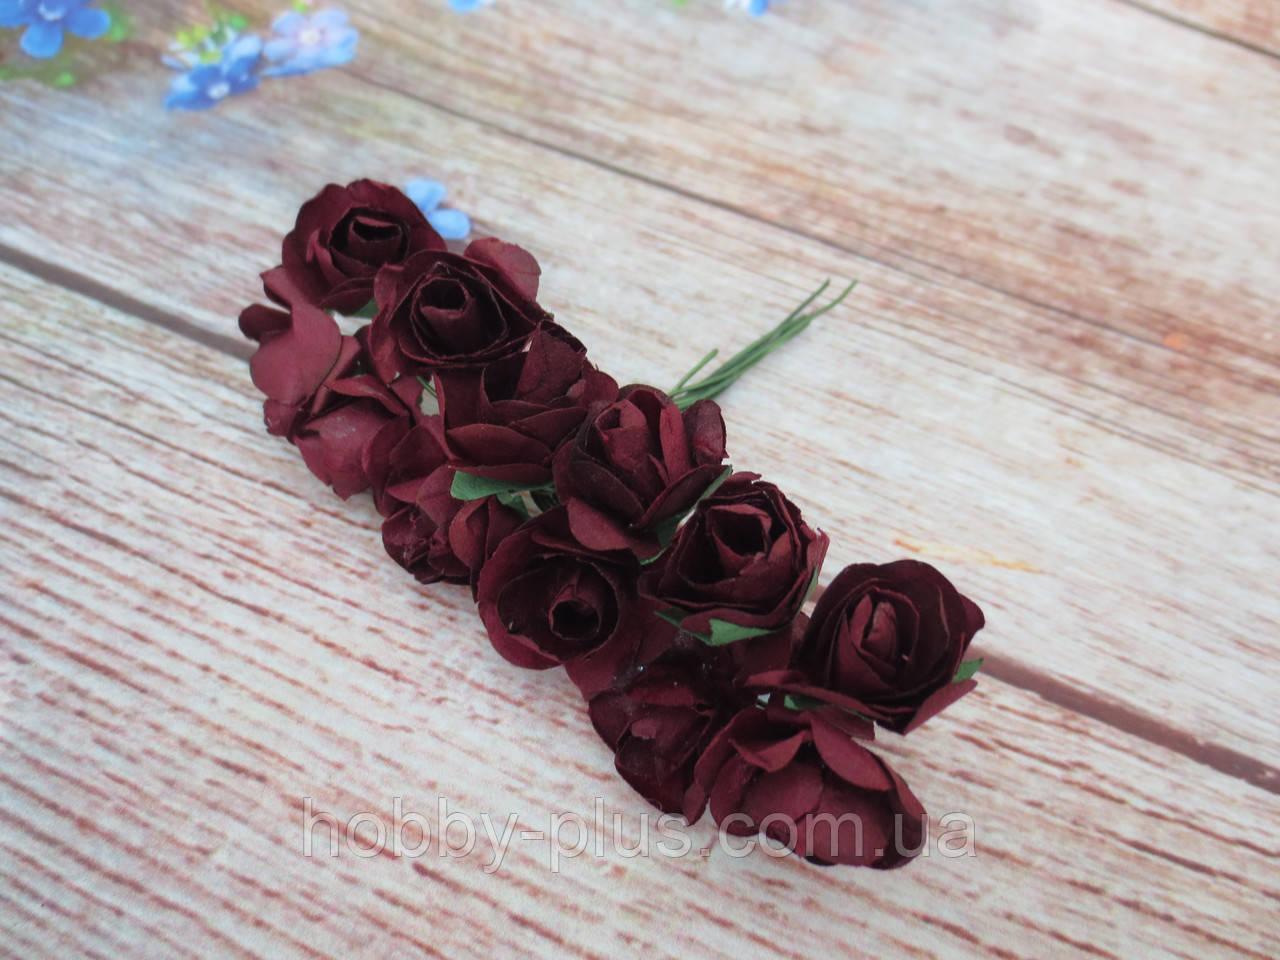 Роза бумажная, d 1,5 см, цвет БОРДОВЫЙ, 12 шт/упаковка